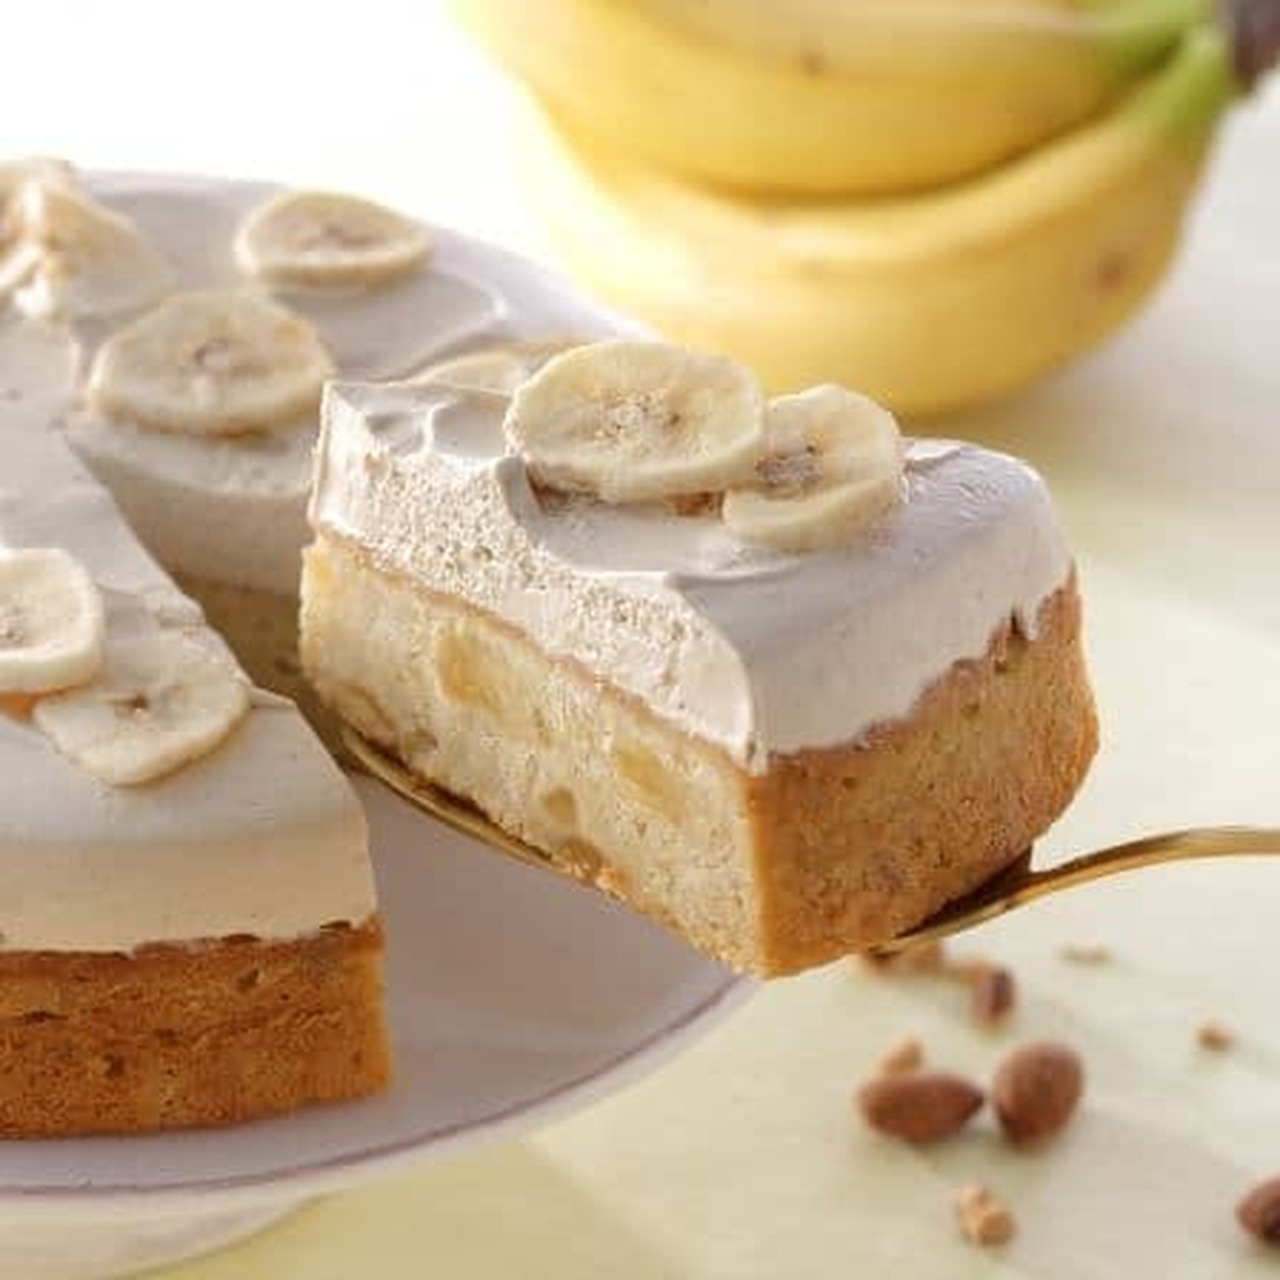 スターバックス「バナナのアーモンドミルクケーキ」